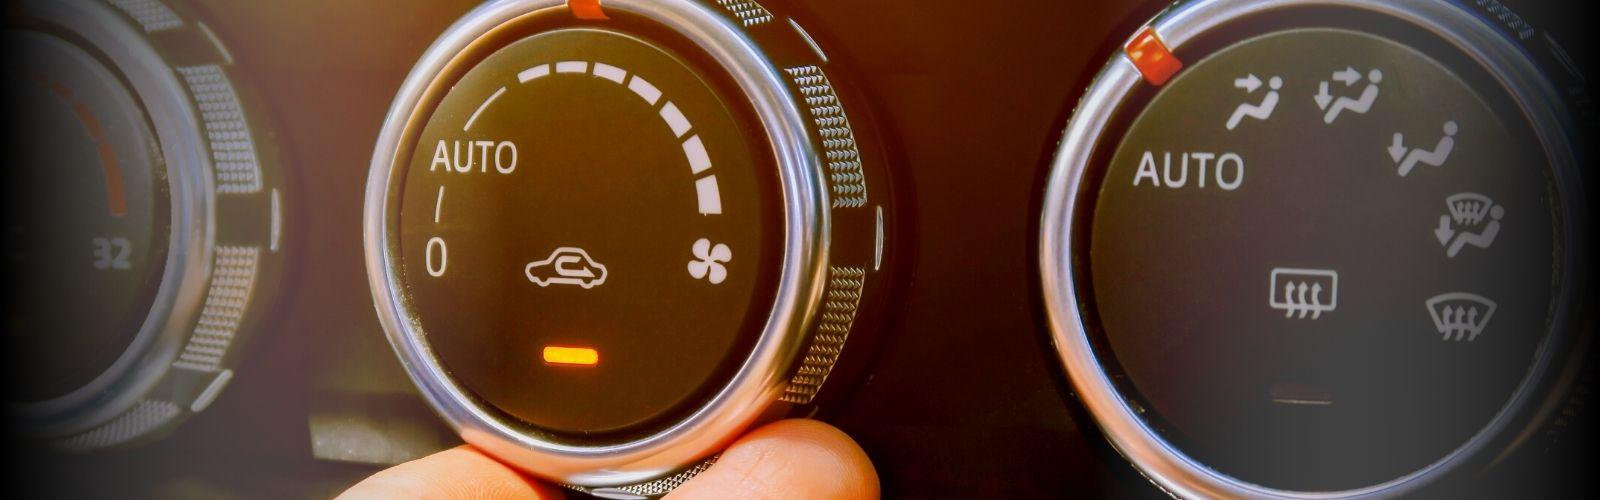 air recirculation button in car